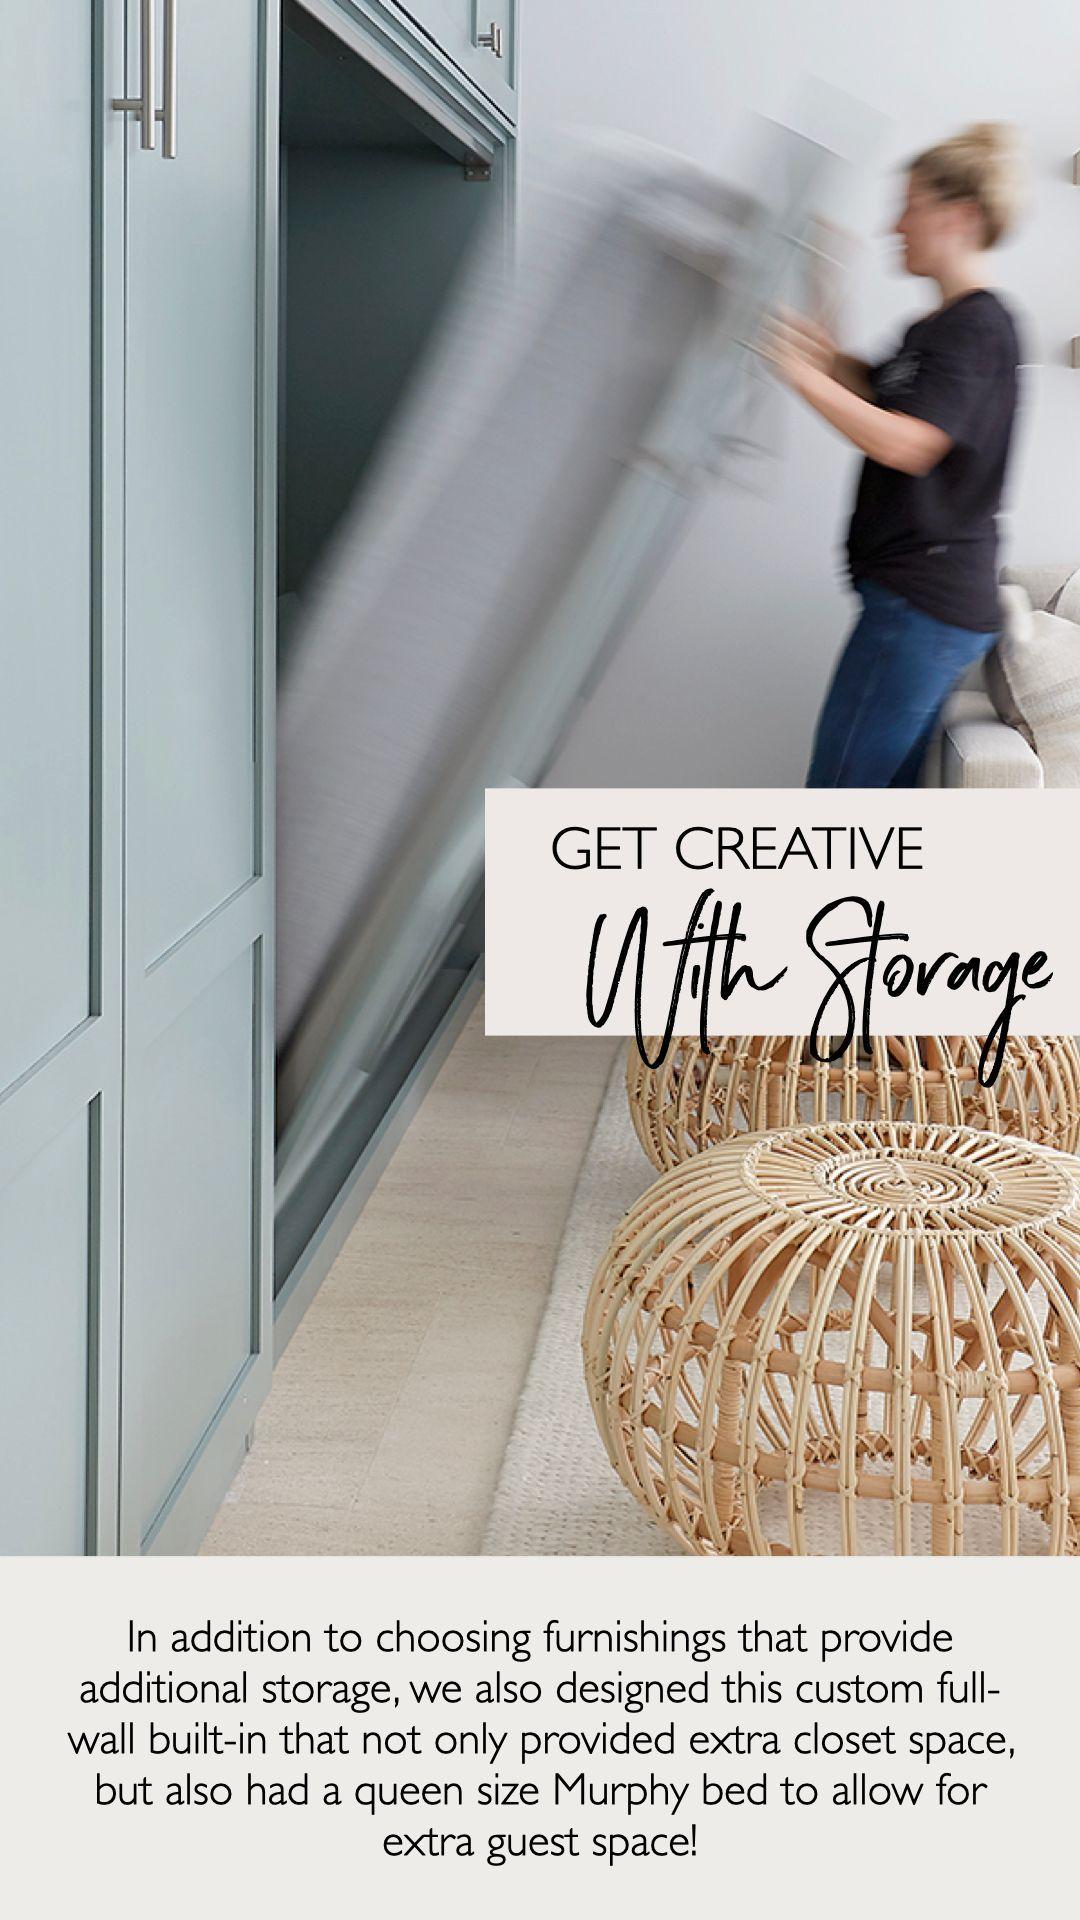 Small Spaces | INTERIOR DESIGN TIPS AND TRICK | #DesignTips #InteriorDesign #InteriorDesignTips #Tips #DecorTips #DesignGuide #InteriorDesignGuide #HomeDecor #SmallSpaces